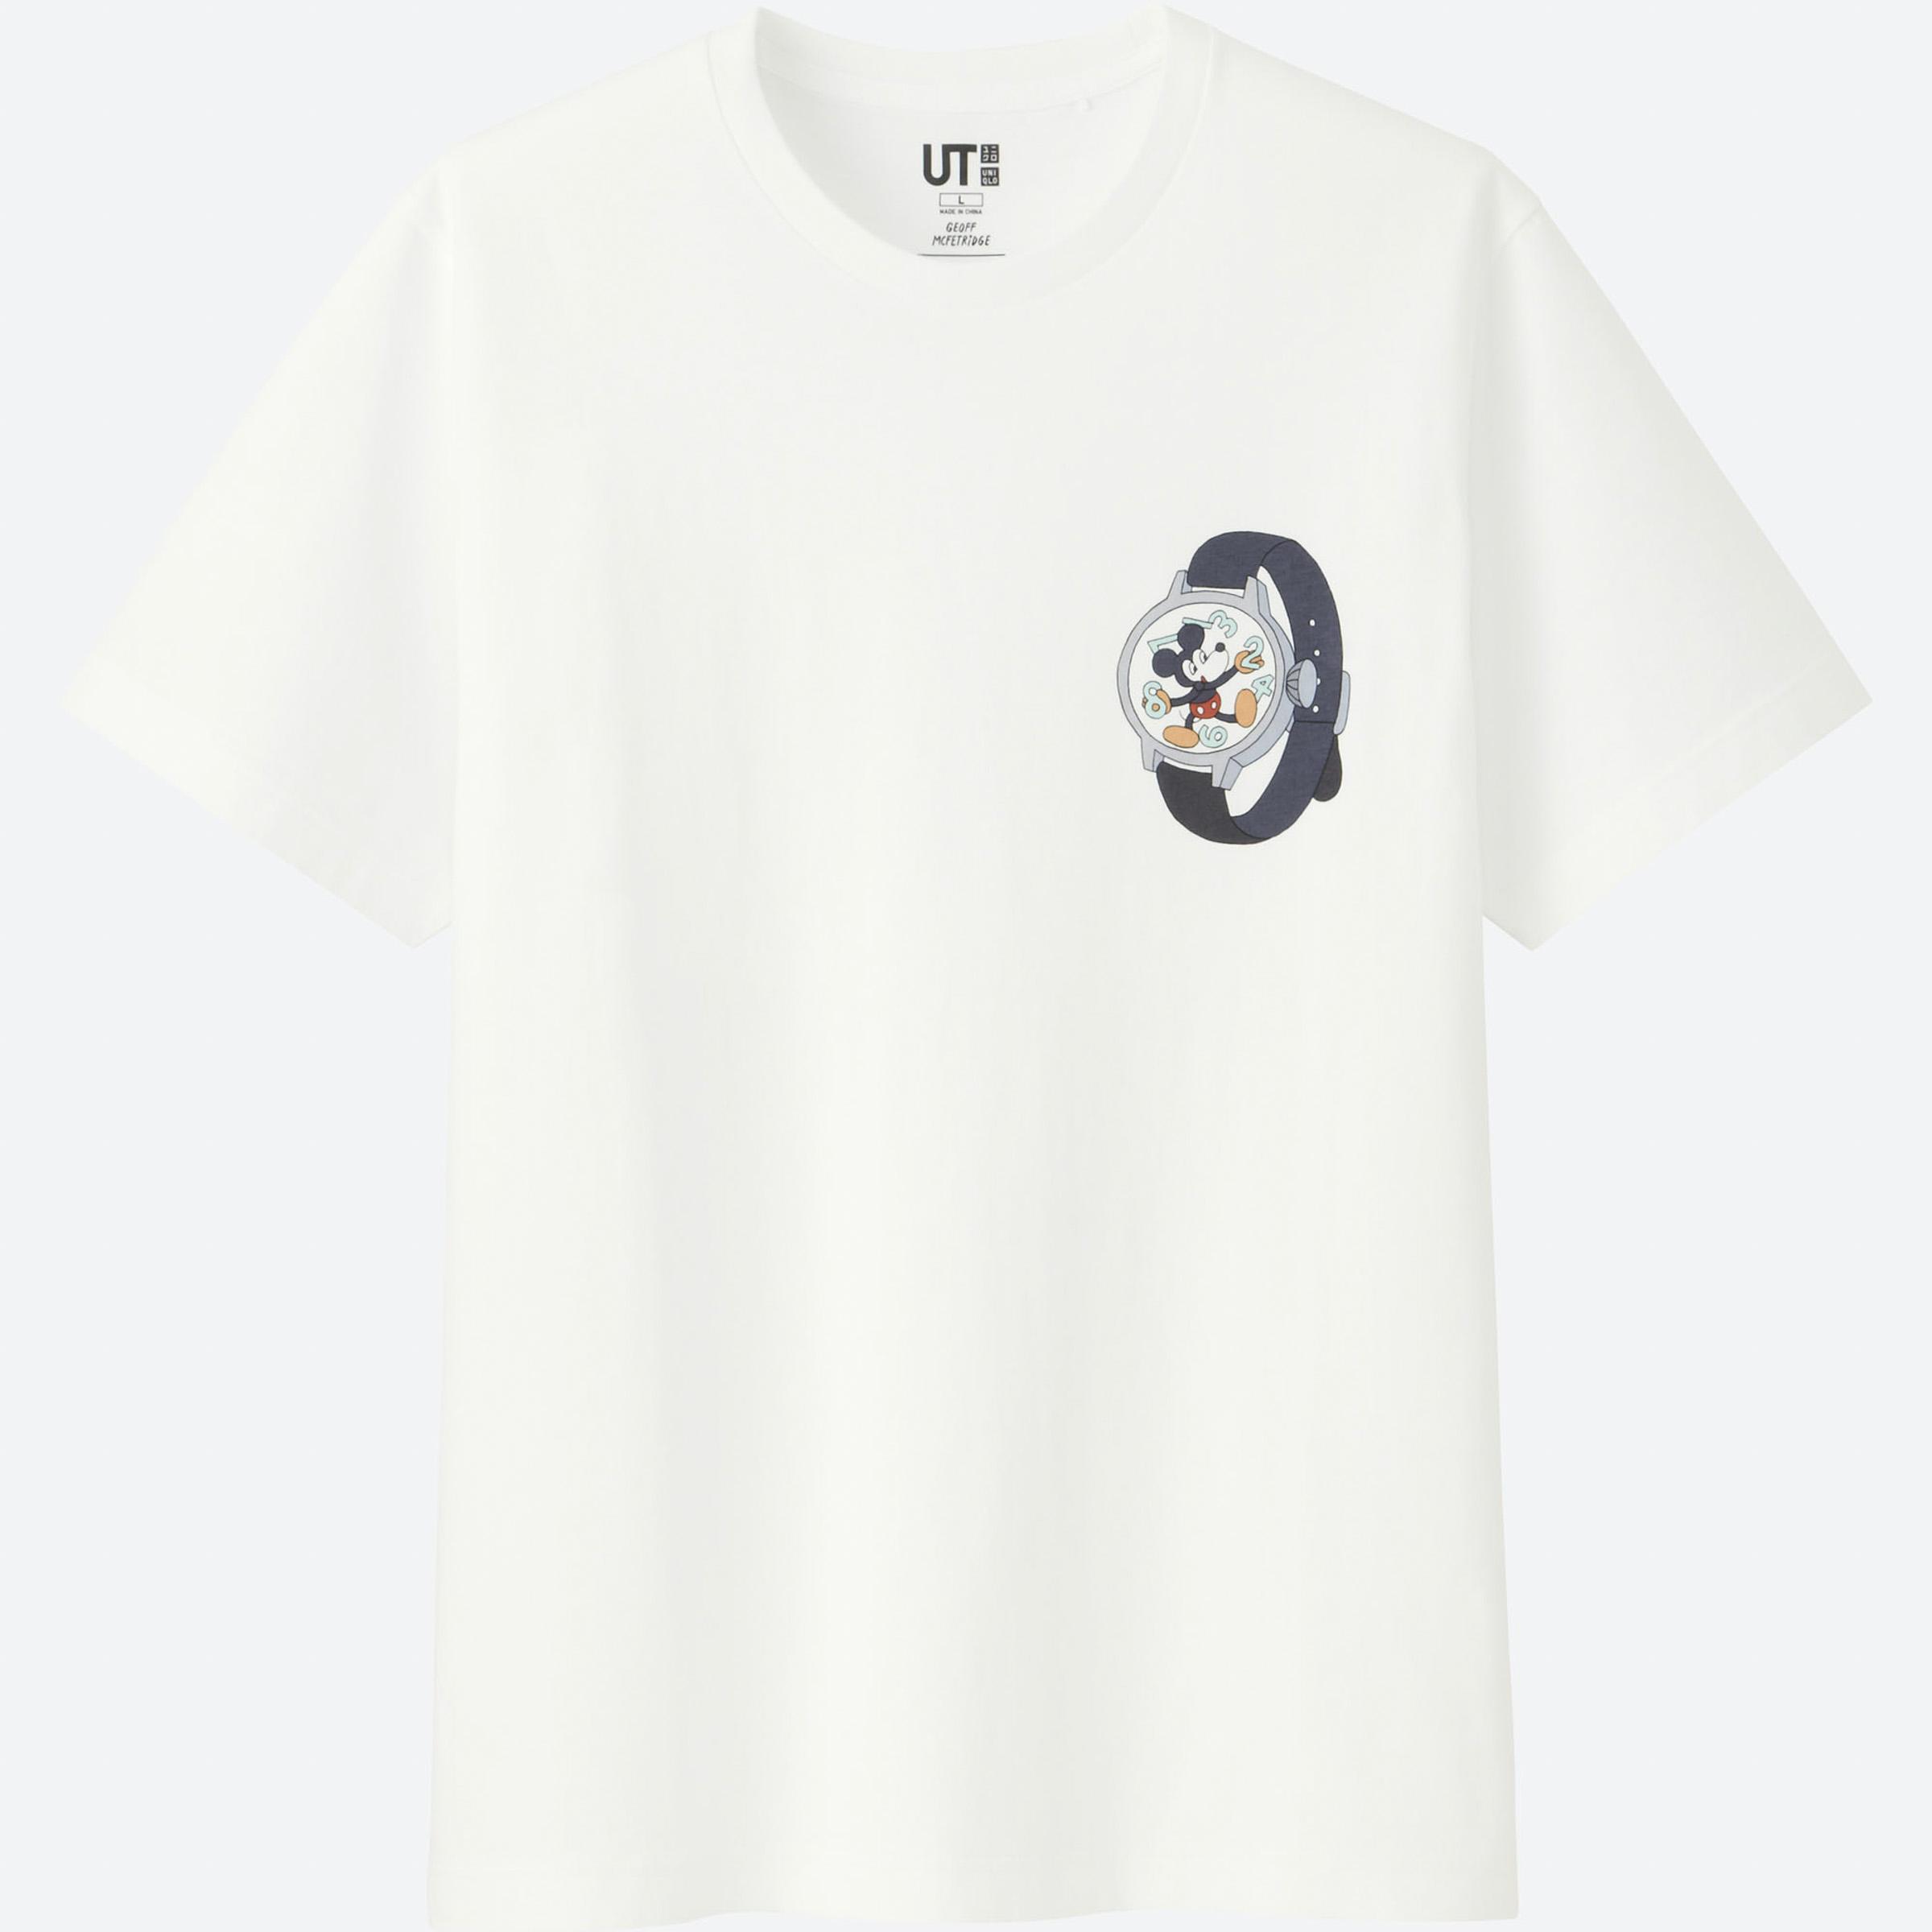 ut ミッキーマウス 長場雄ら6人のアーティストがデザインした新作発売